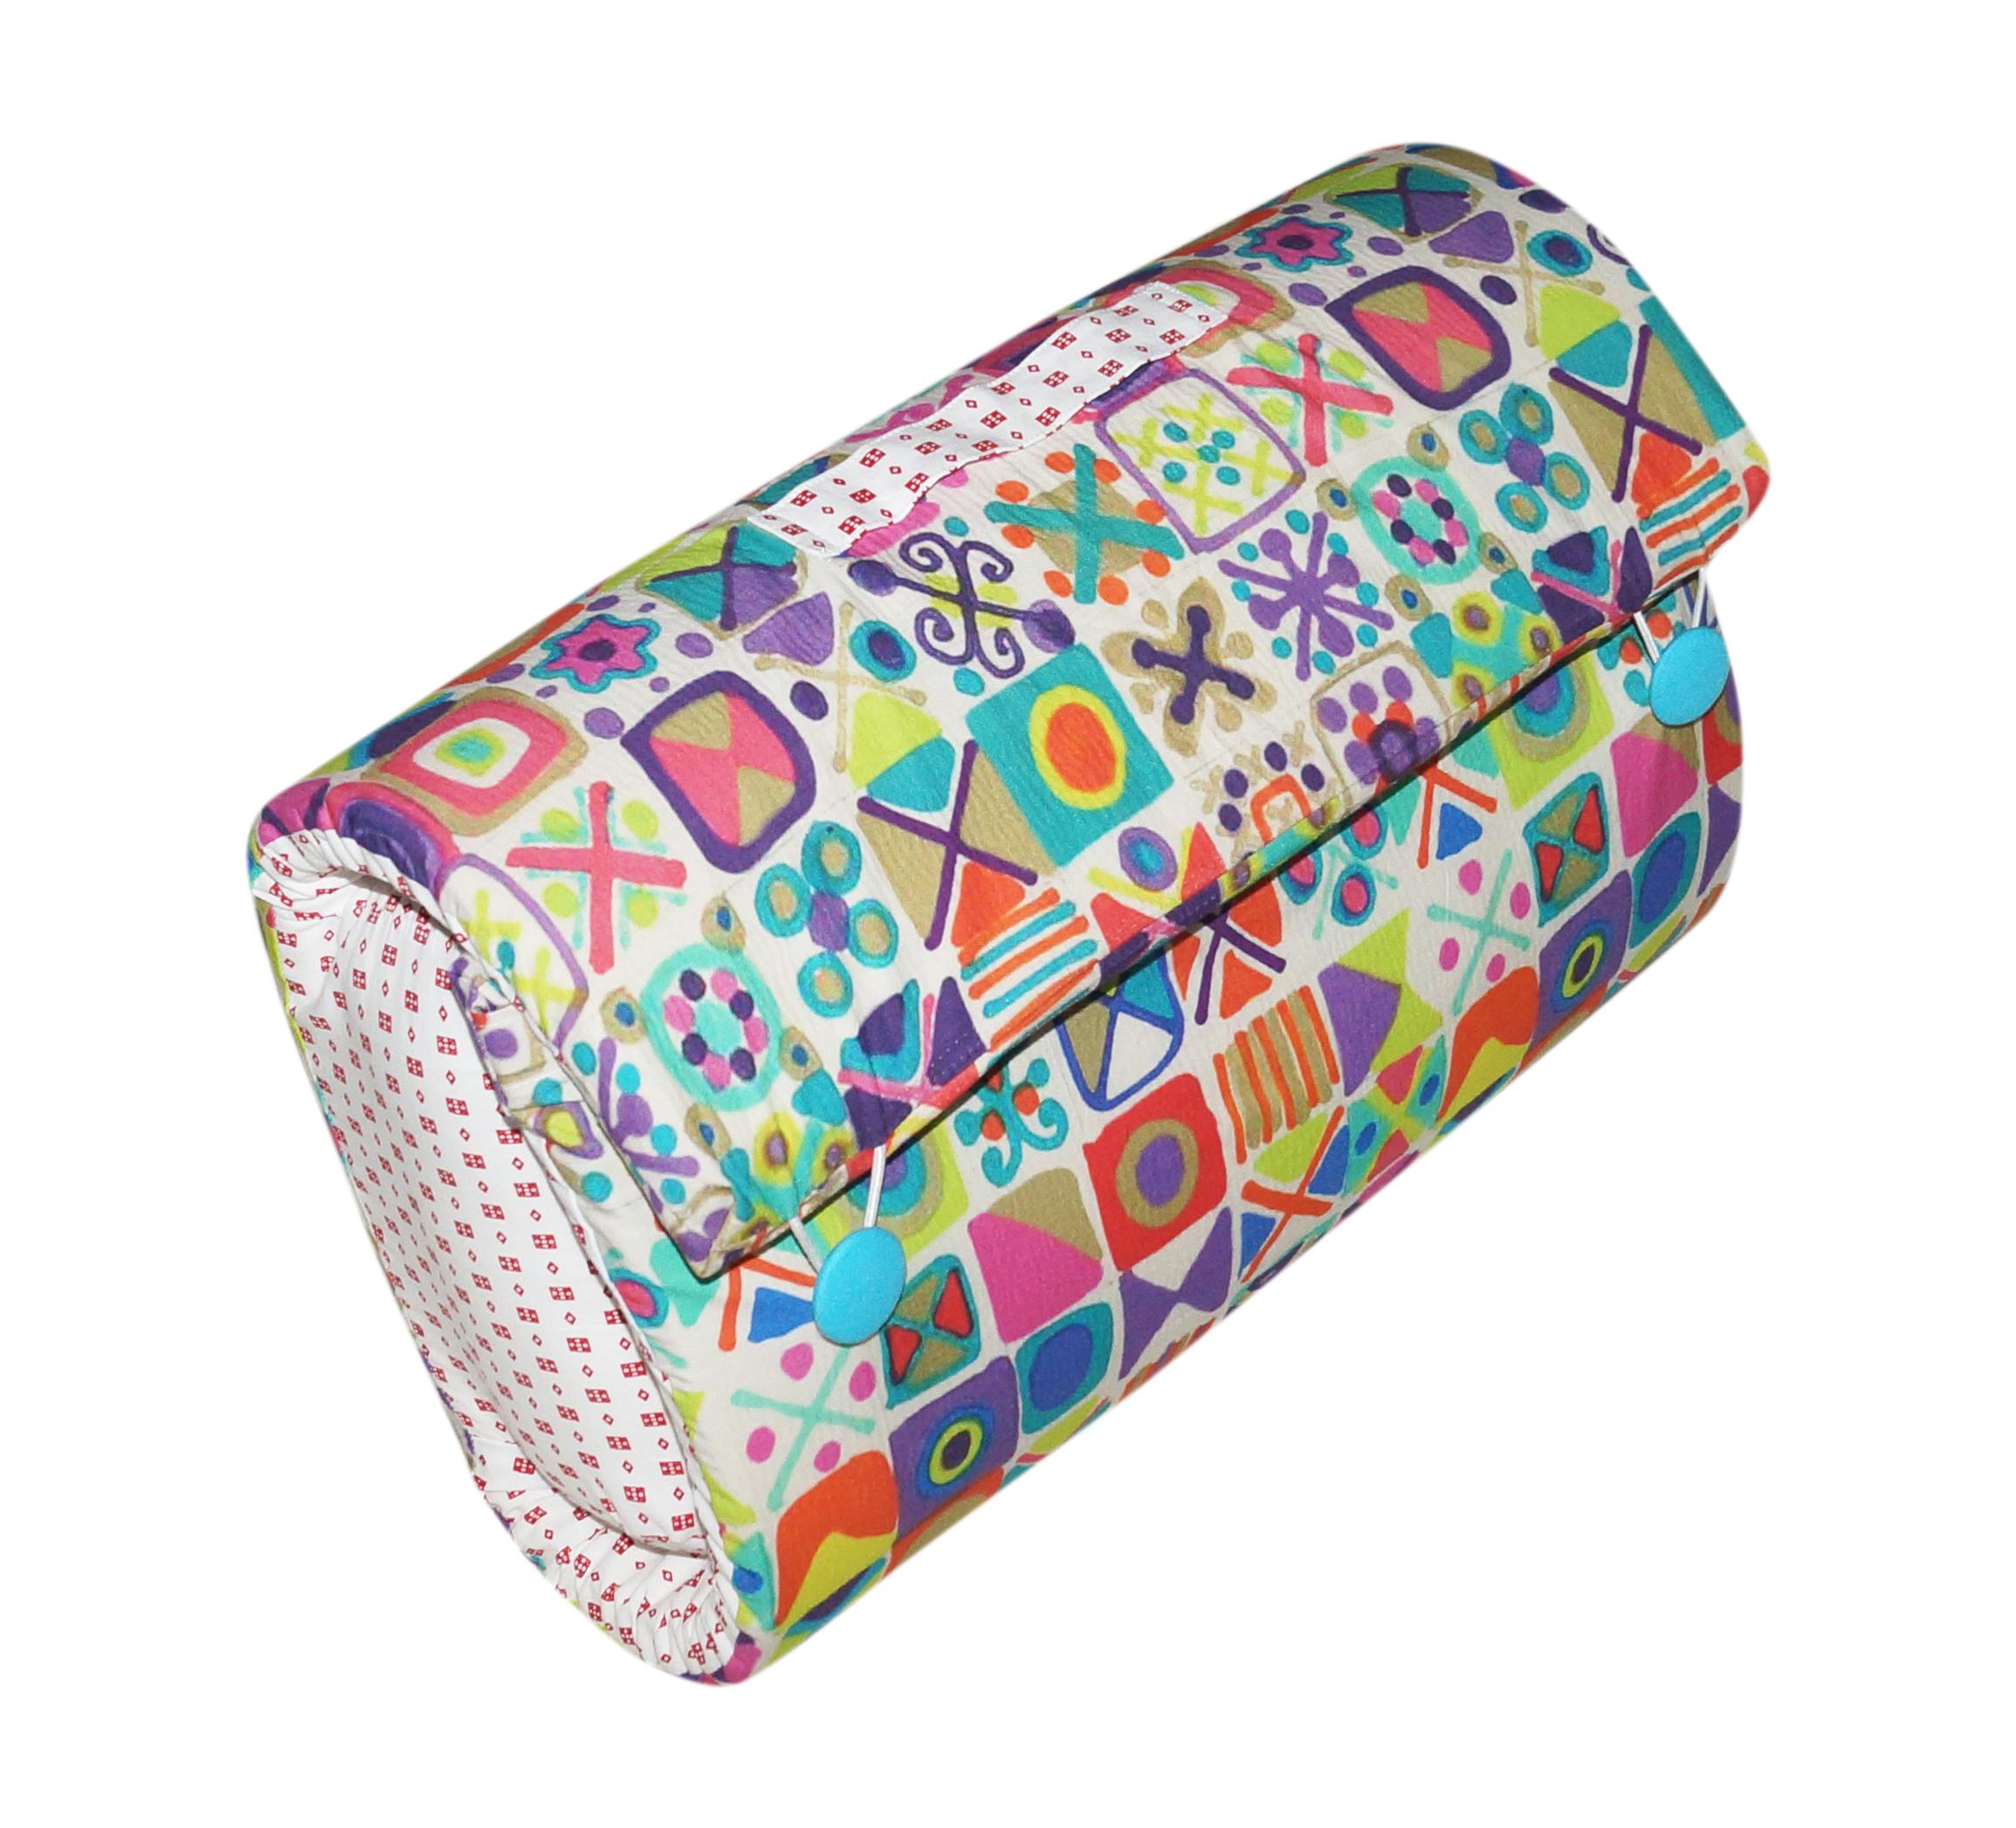 Portable Baby Bedding Bag